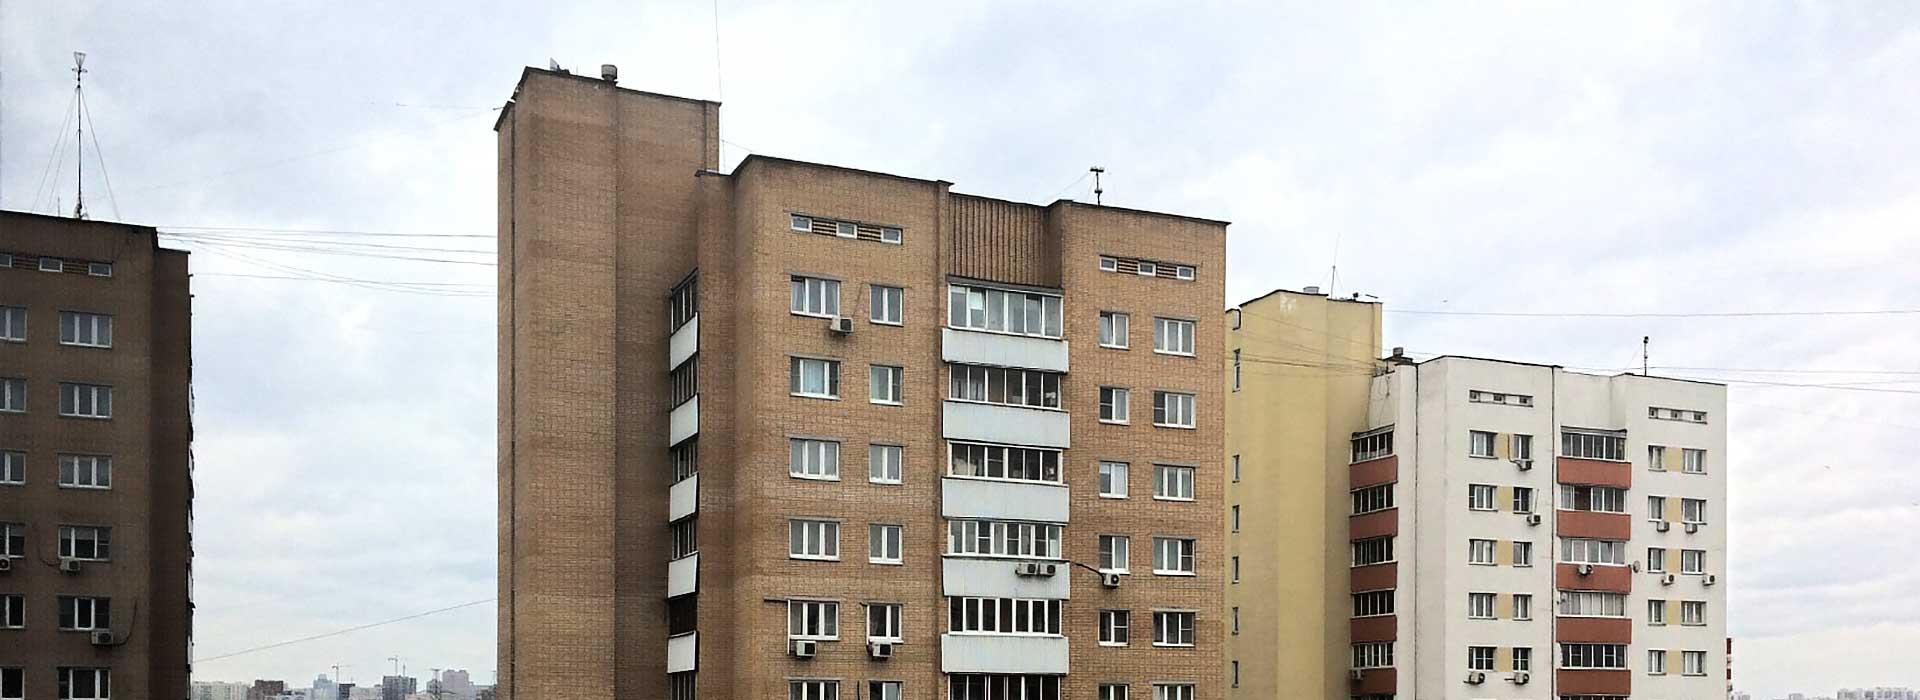 Деревянные окна в дома серии II-67/Башня Москворецкая